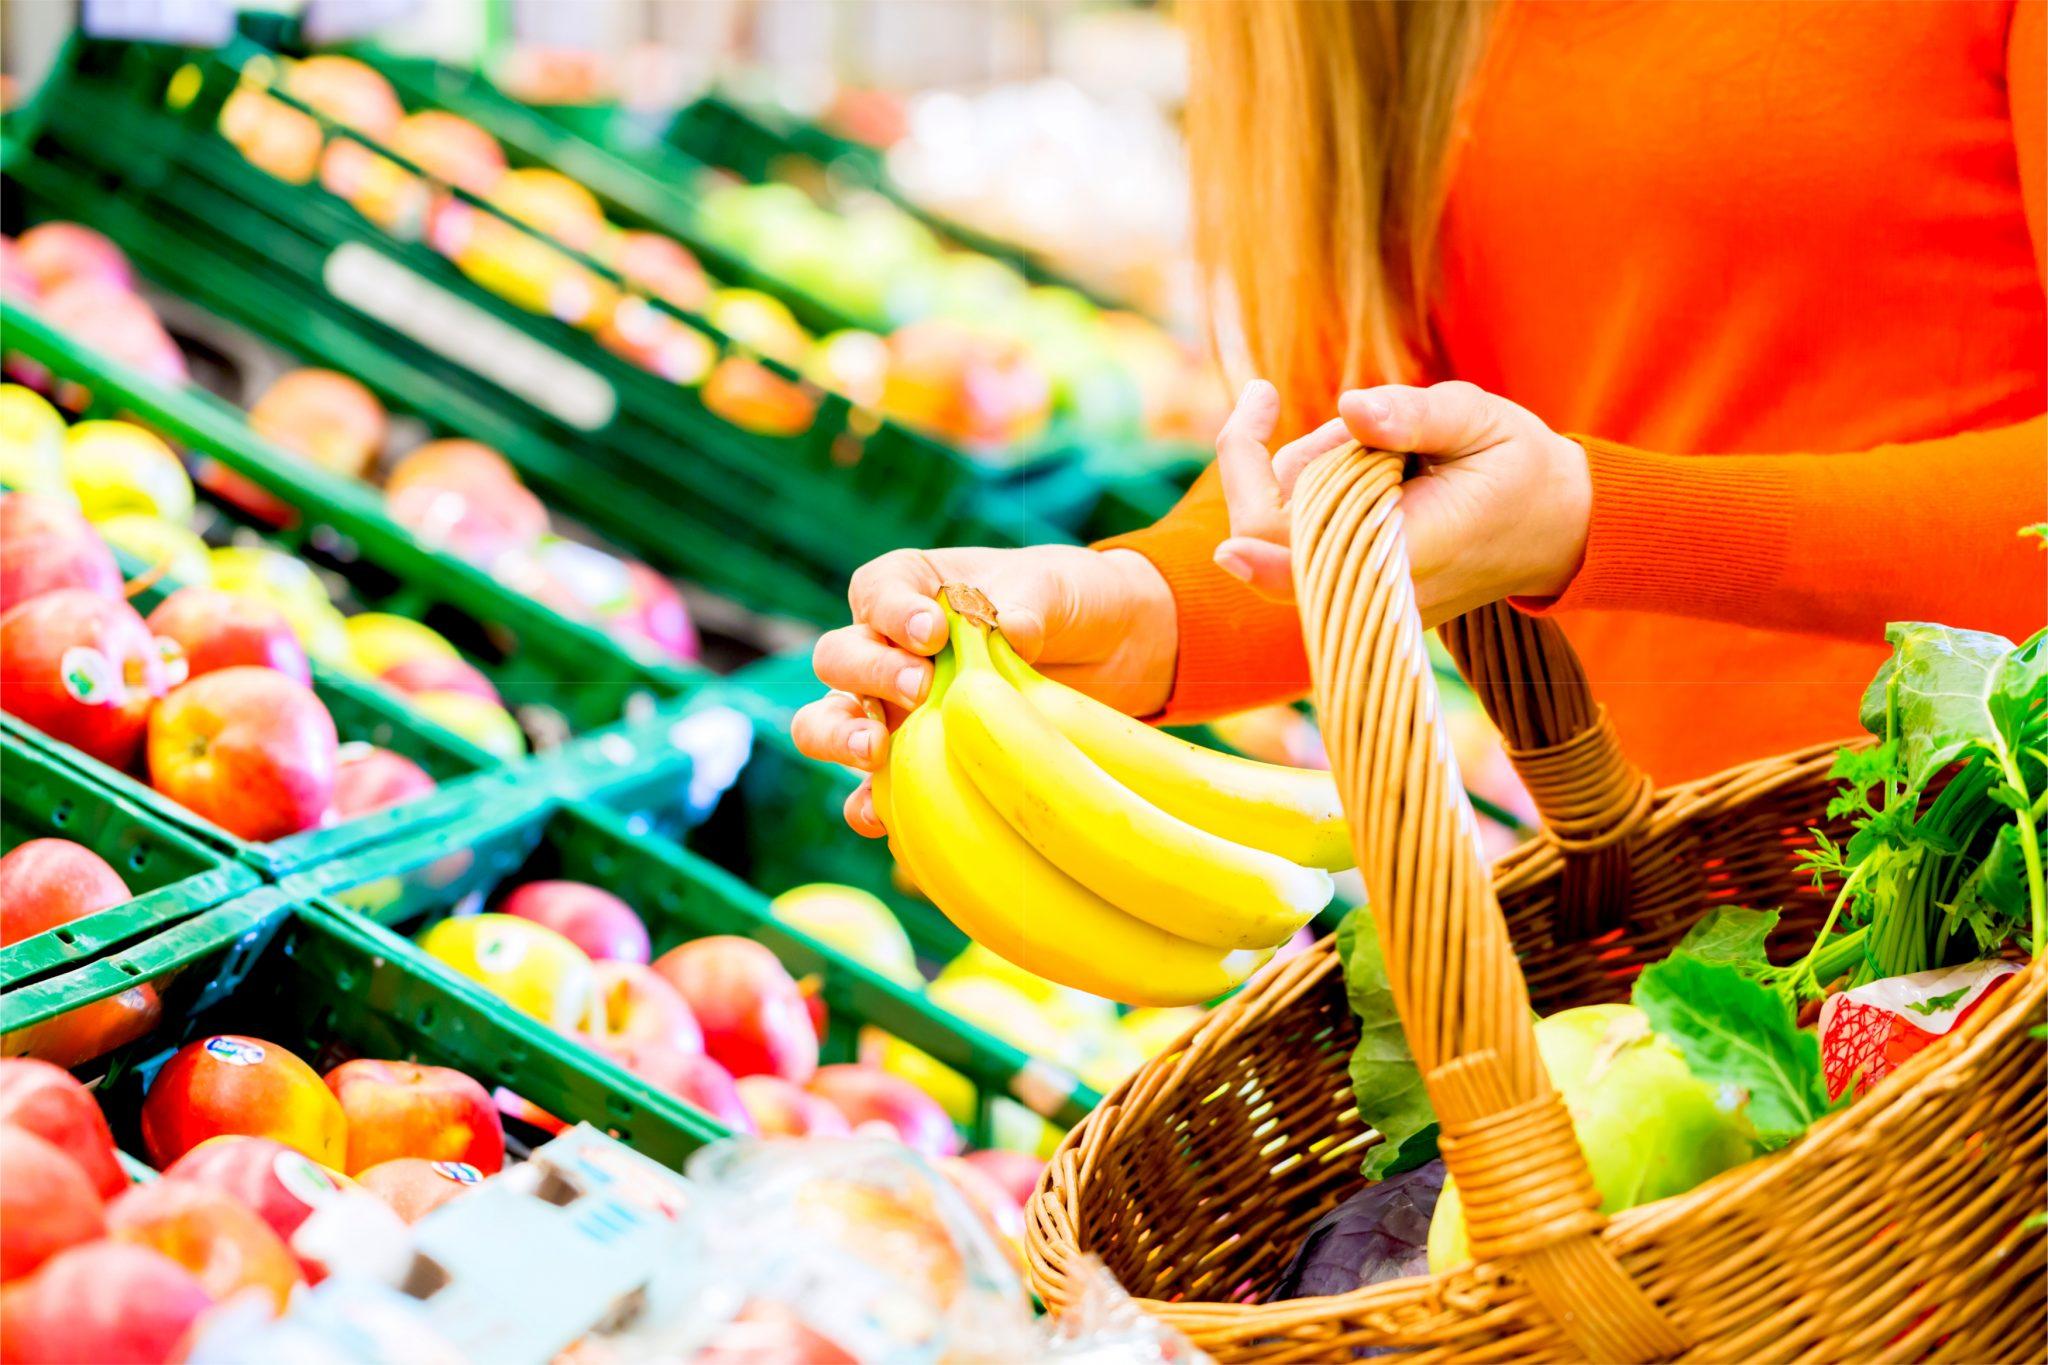 バナナを買っている女性